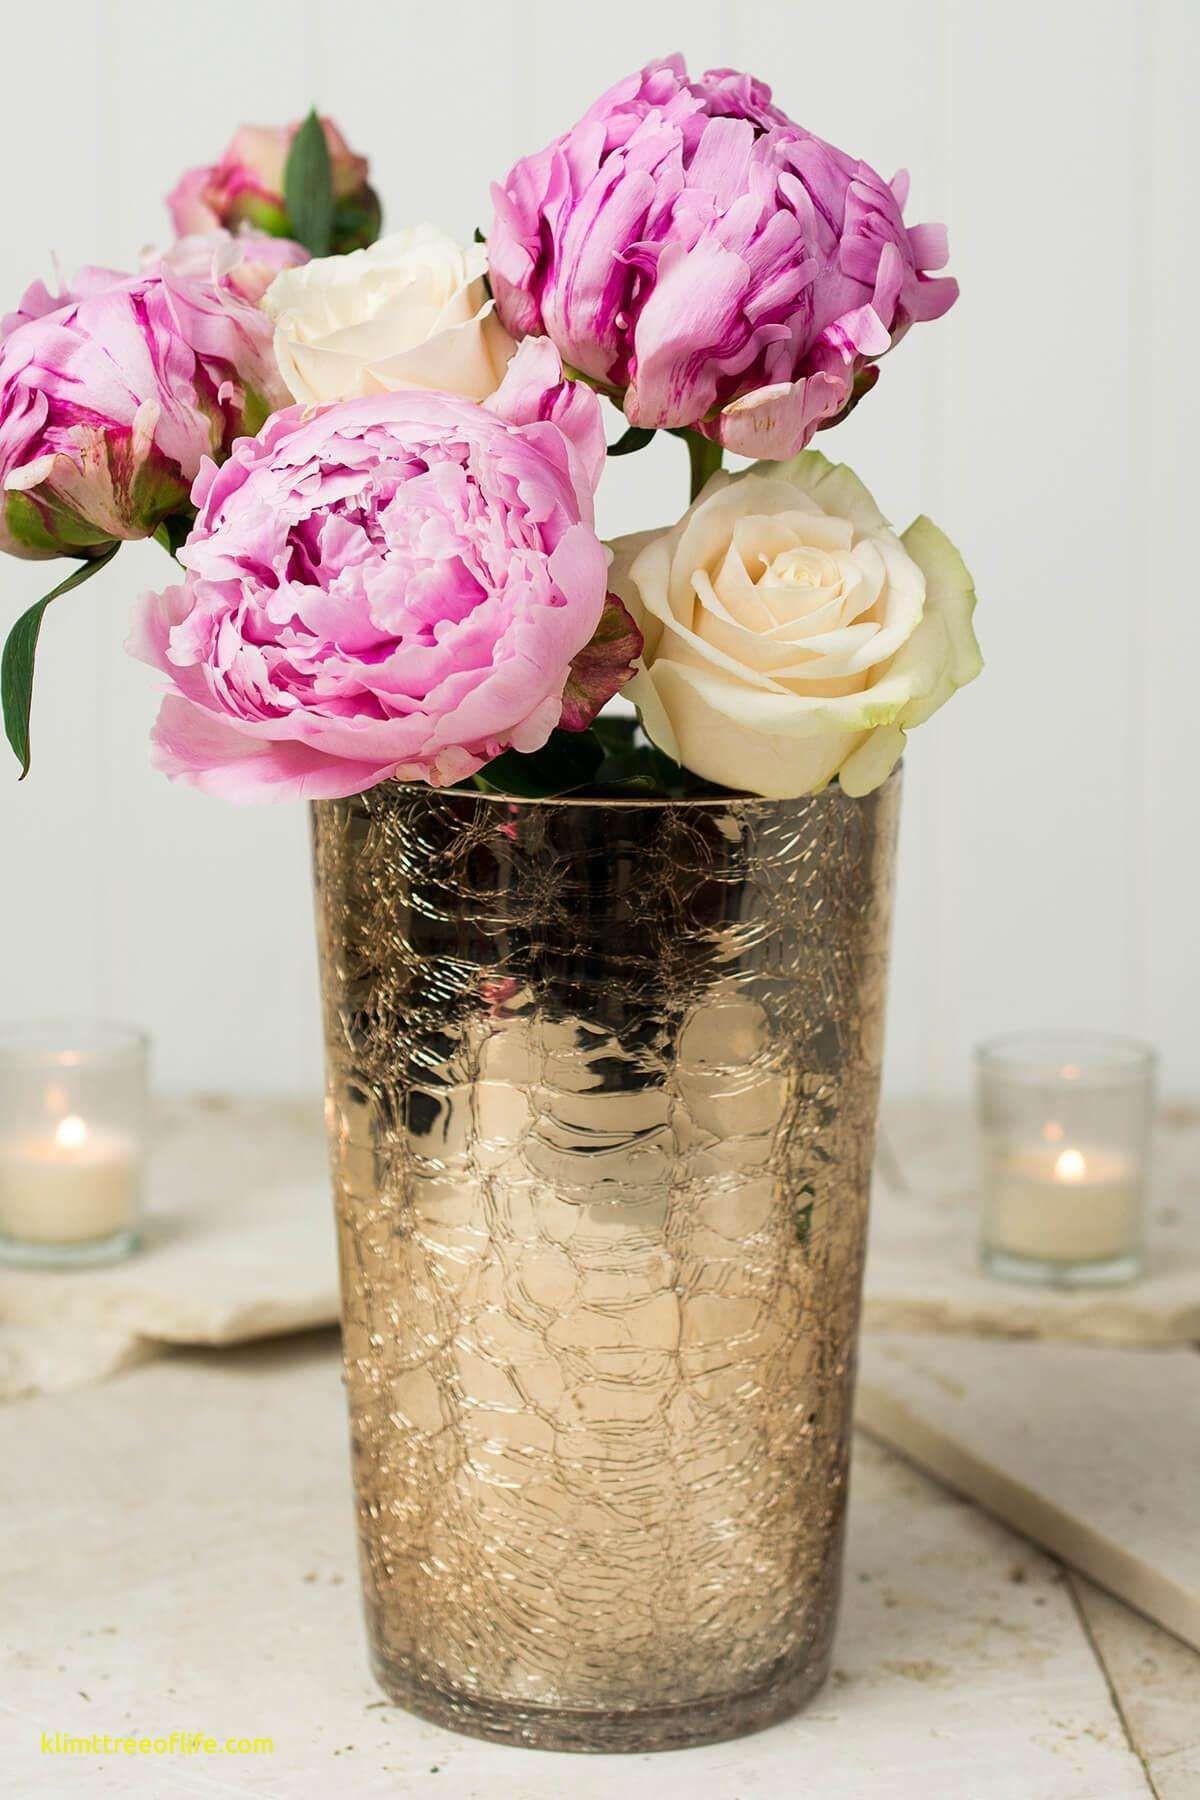 floating candle vases uk of purple vase fillers best of 41 elegant flower arrangement ideas for purple vase fillers best of 41 elegant flower arrangement ideas image